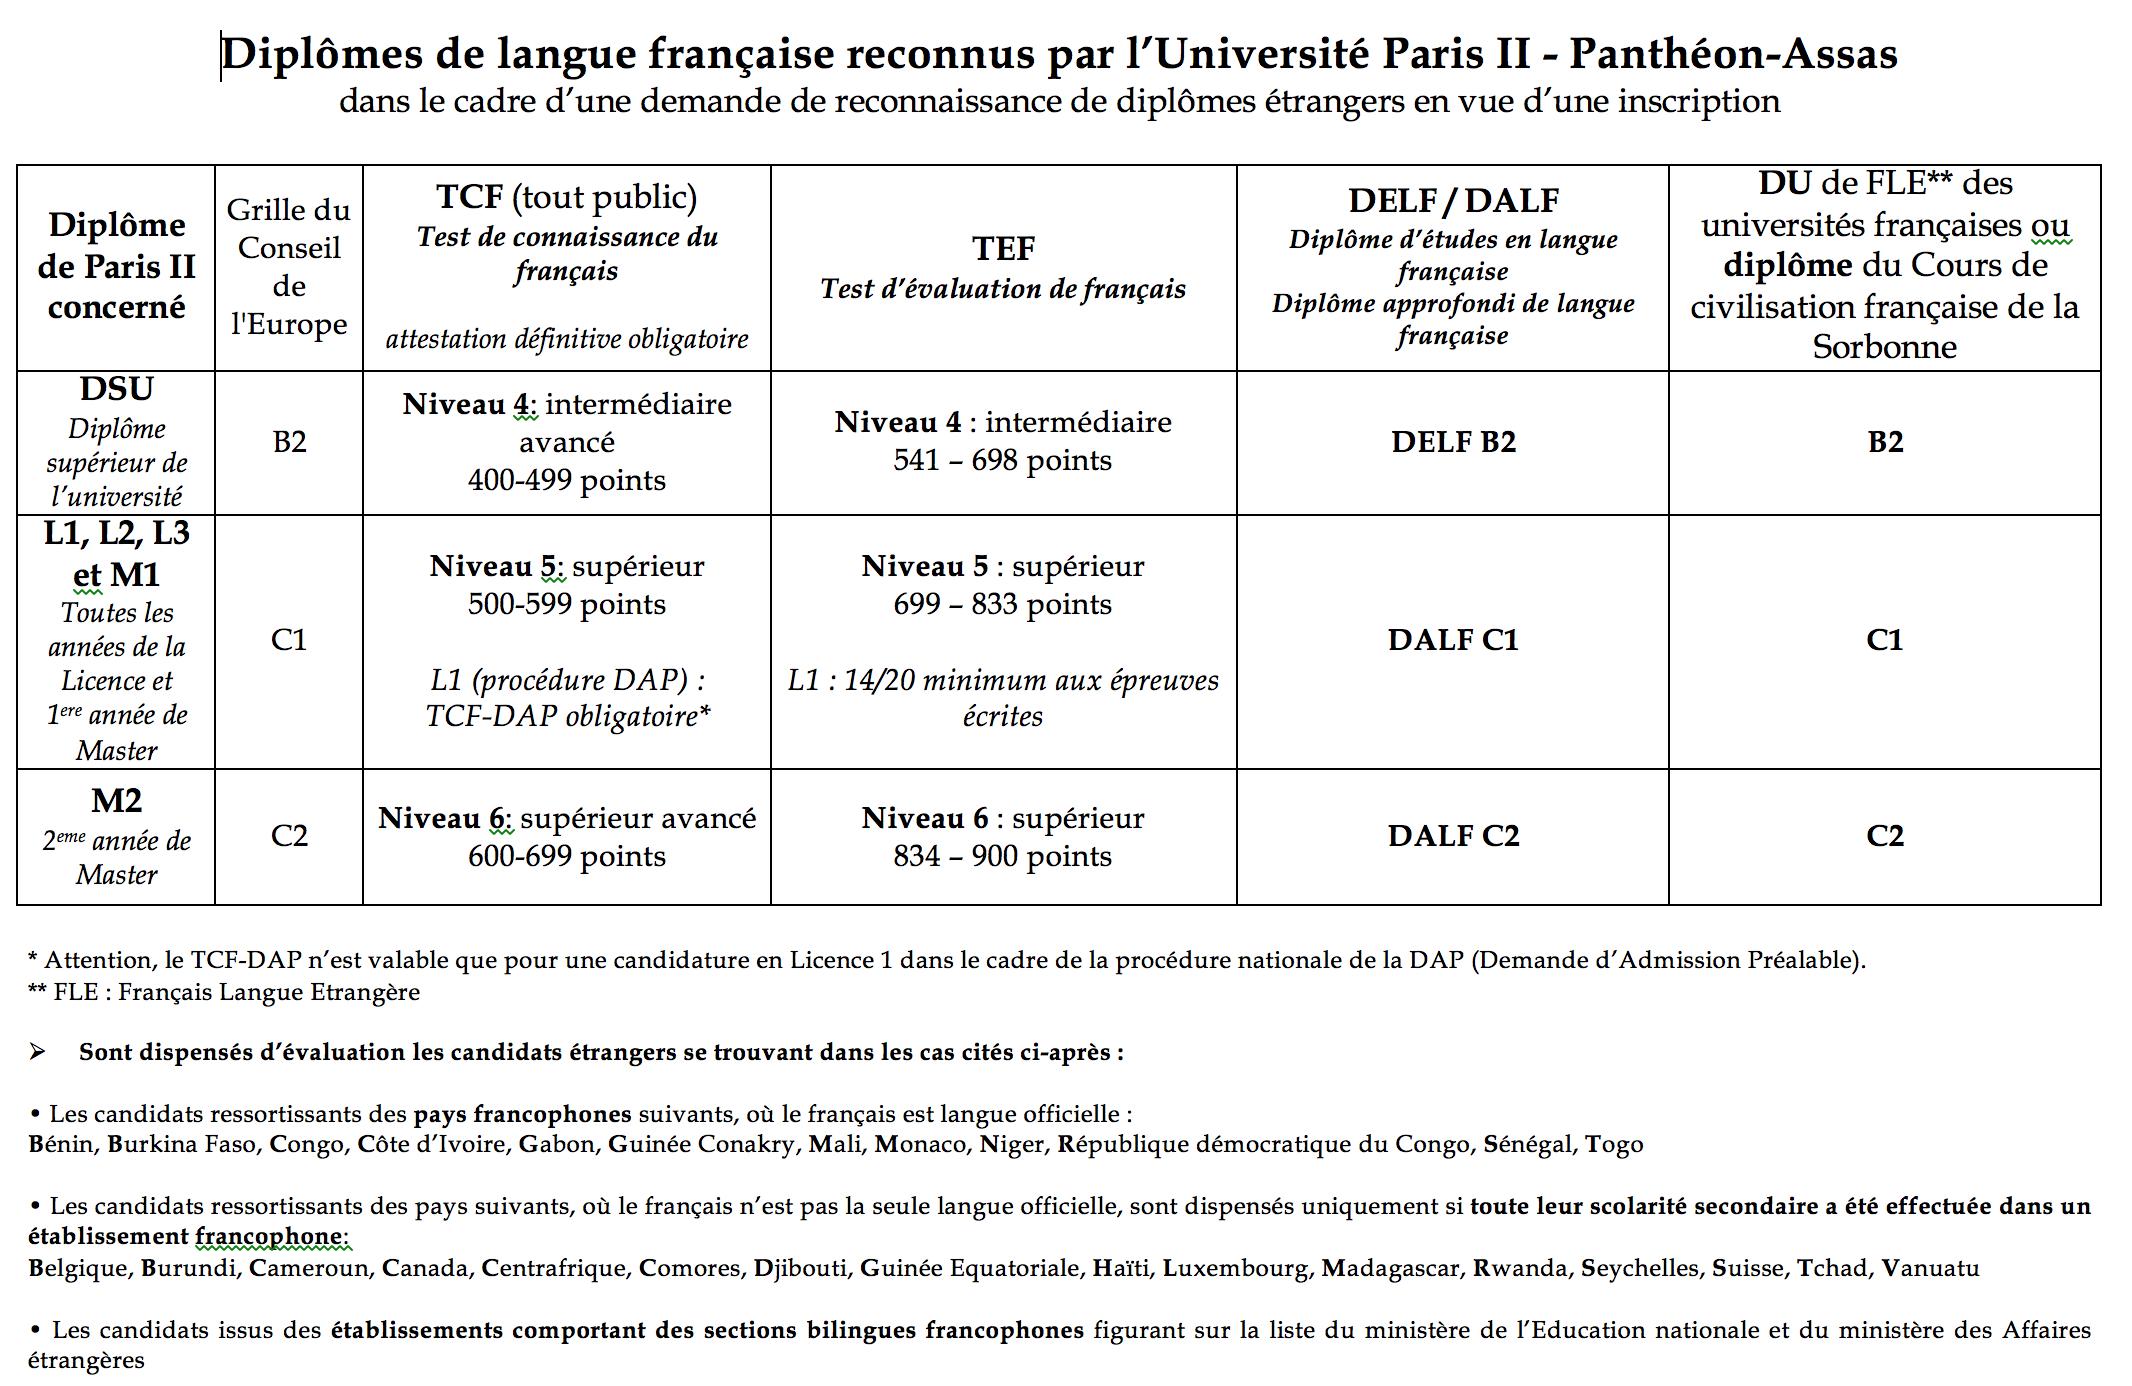 Tableau des certificats de langue française acceptés